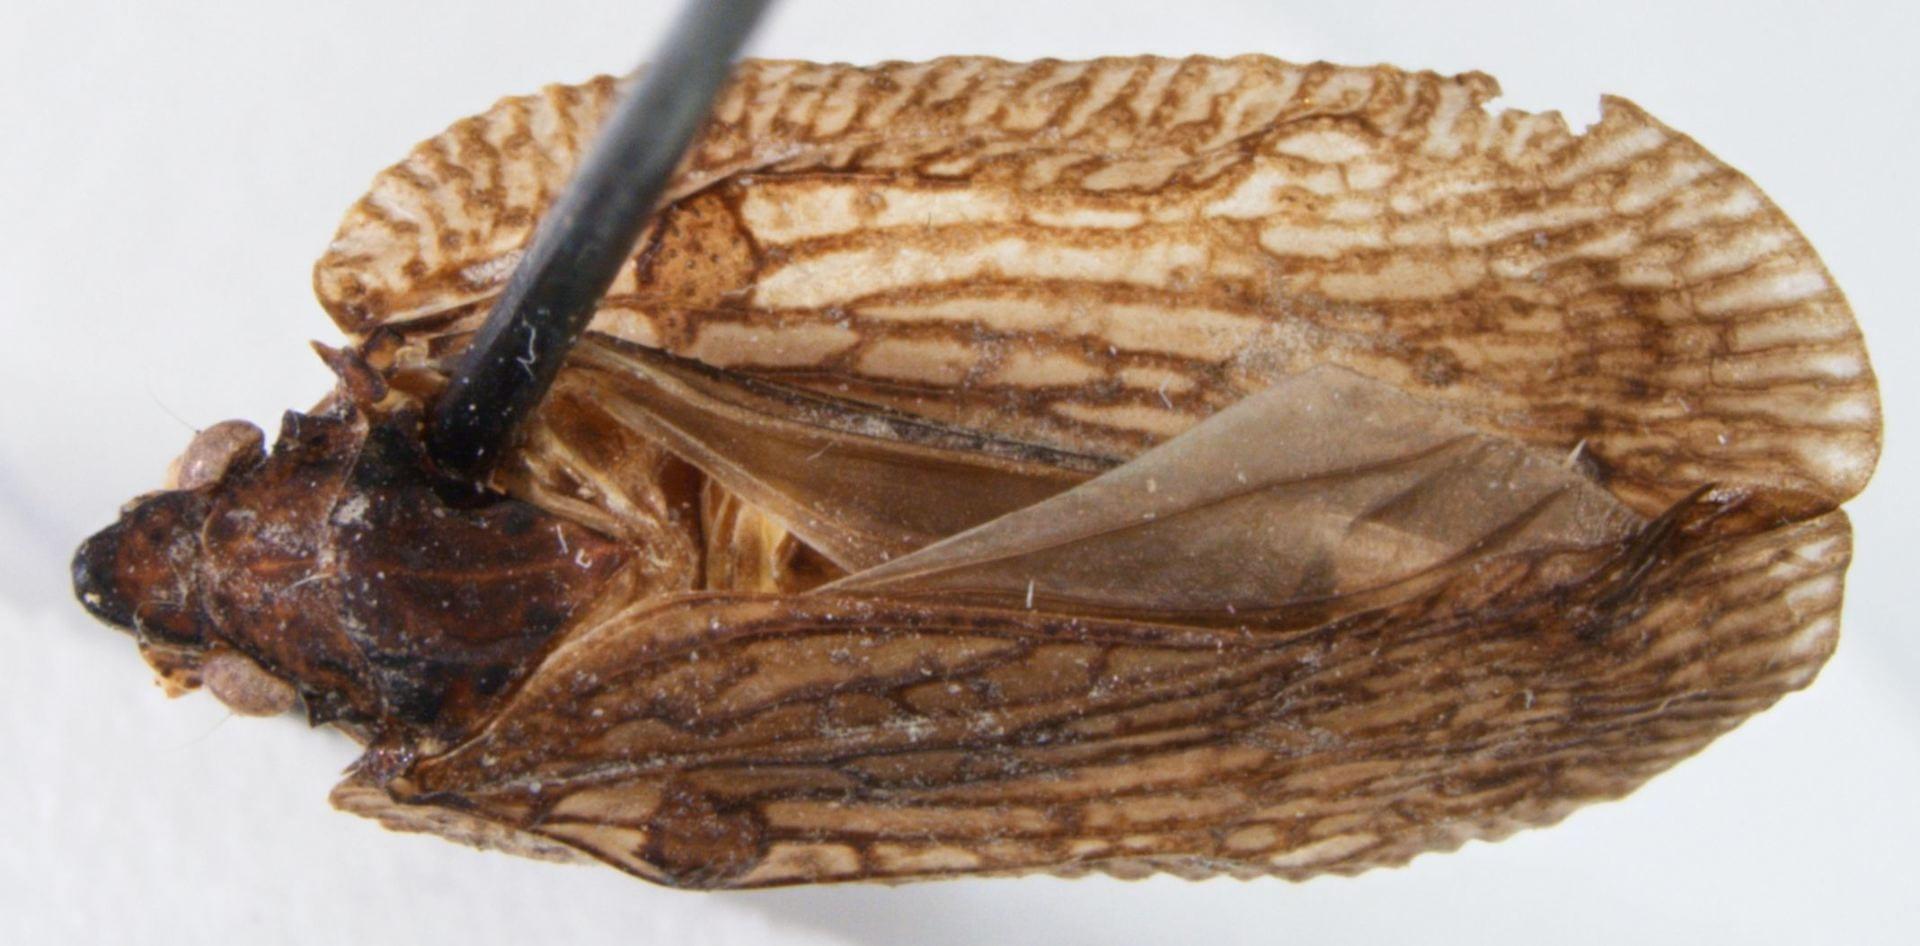 Flatoides enota